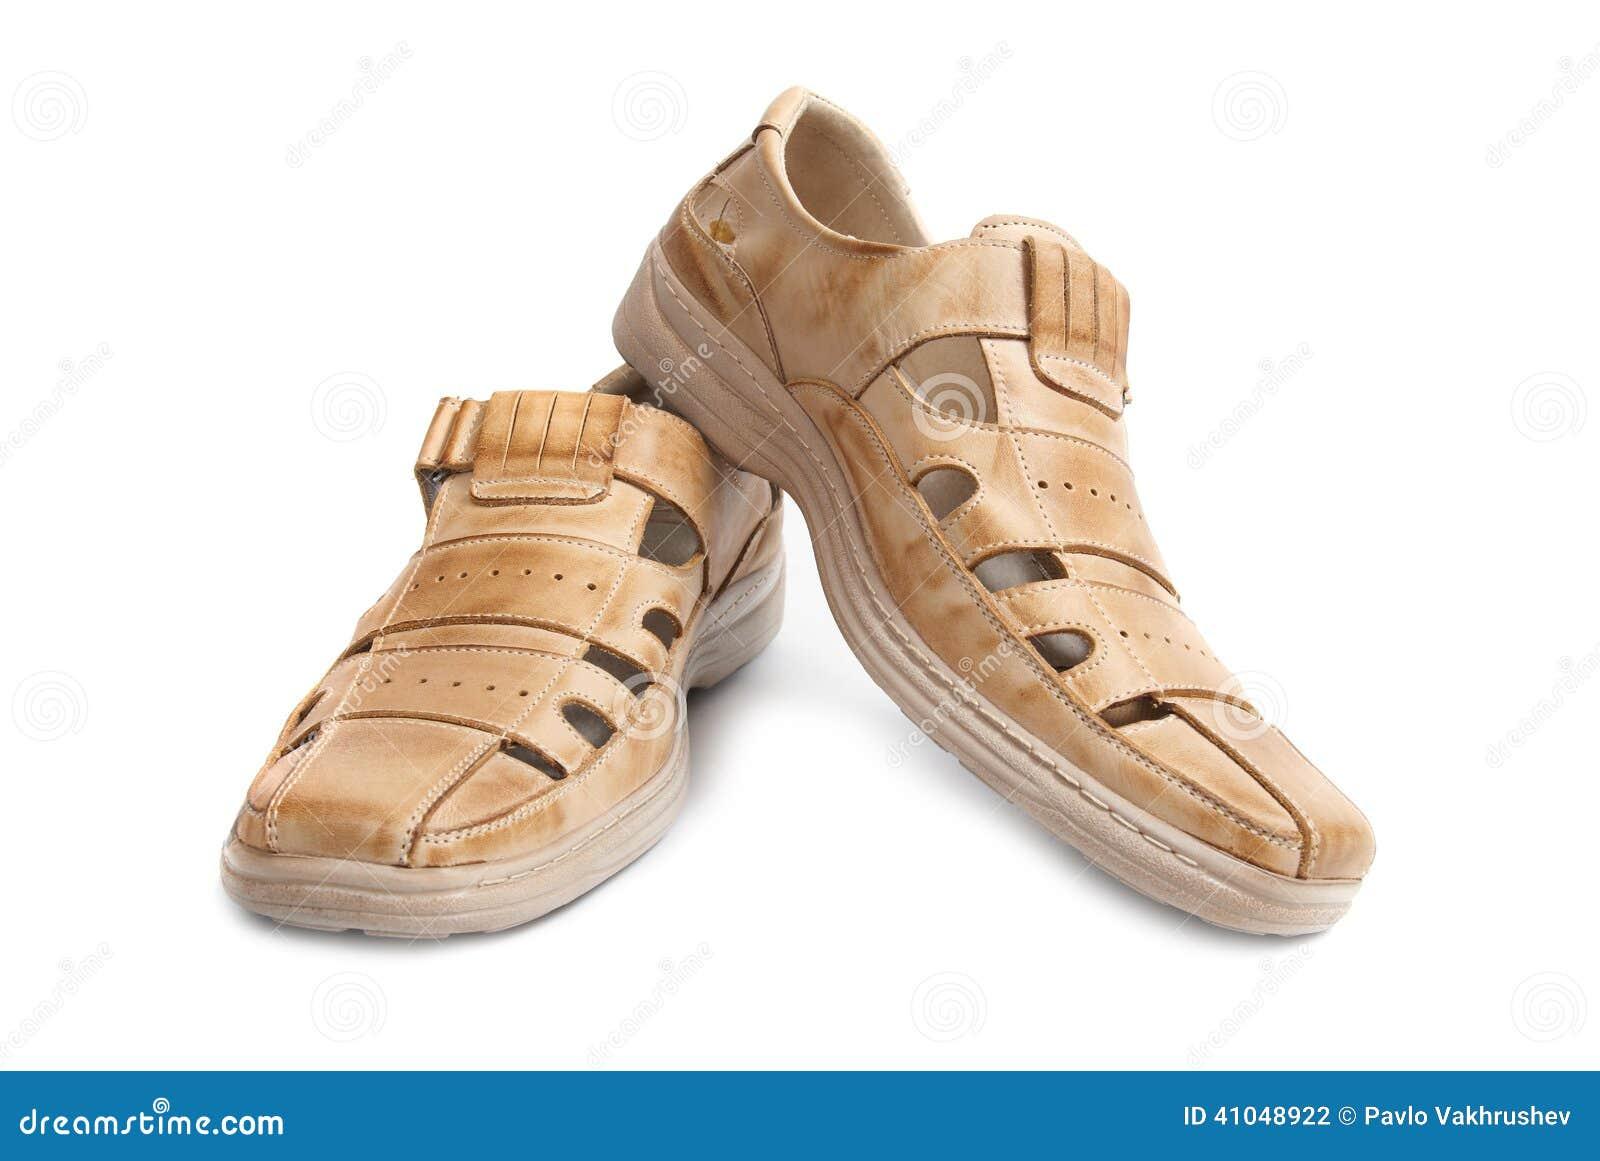 对凉鞋图片